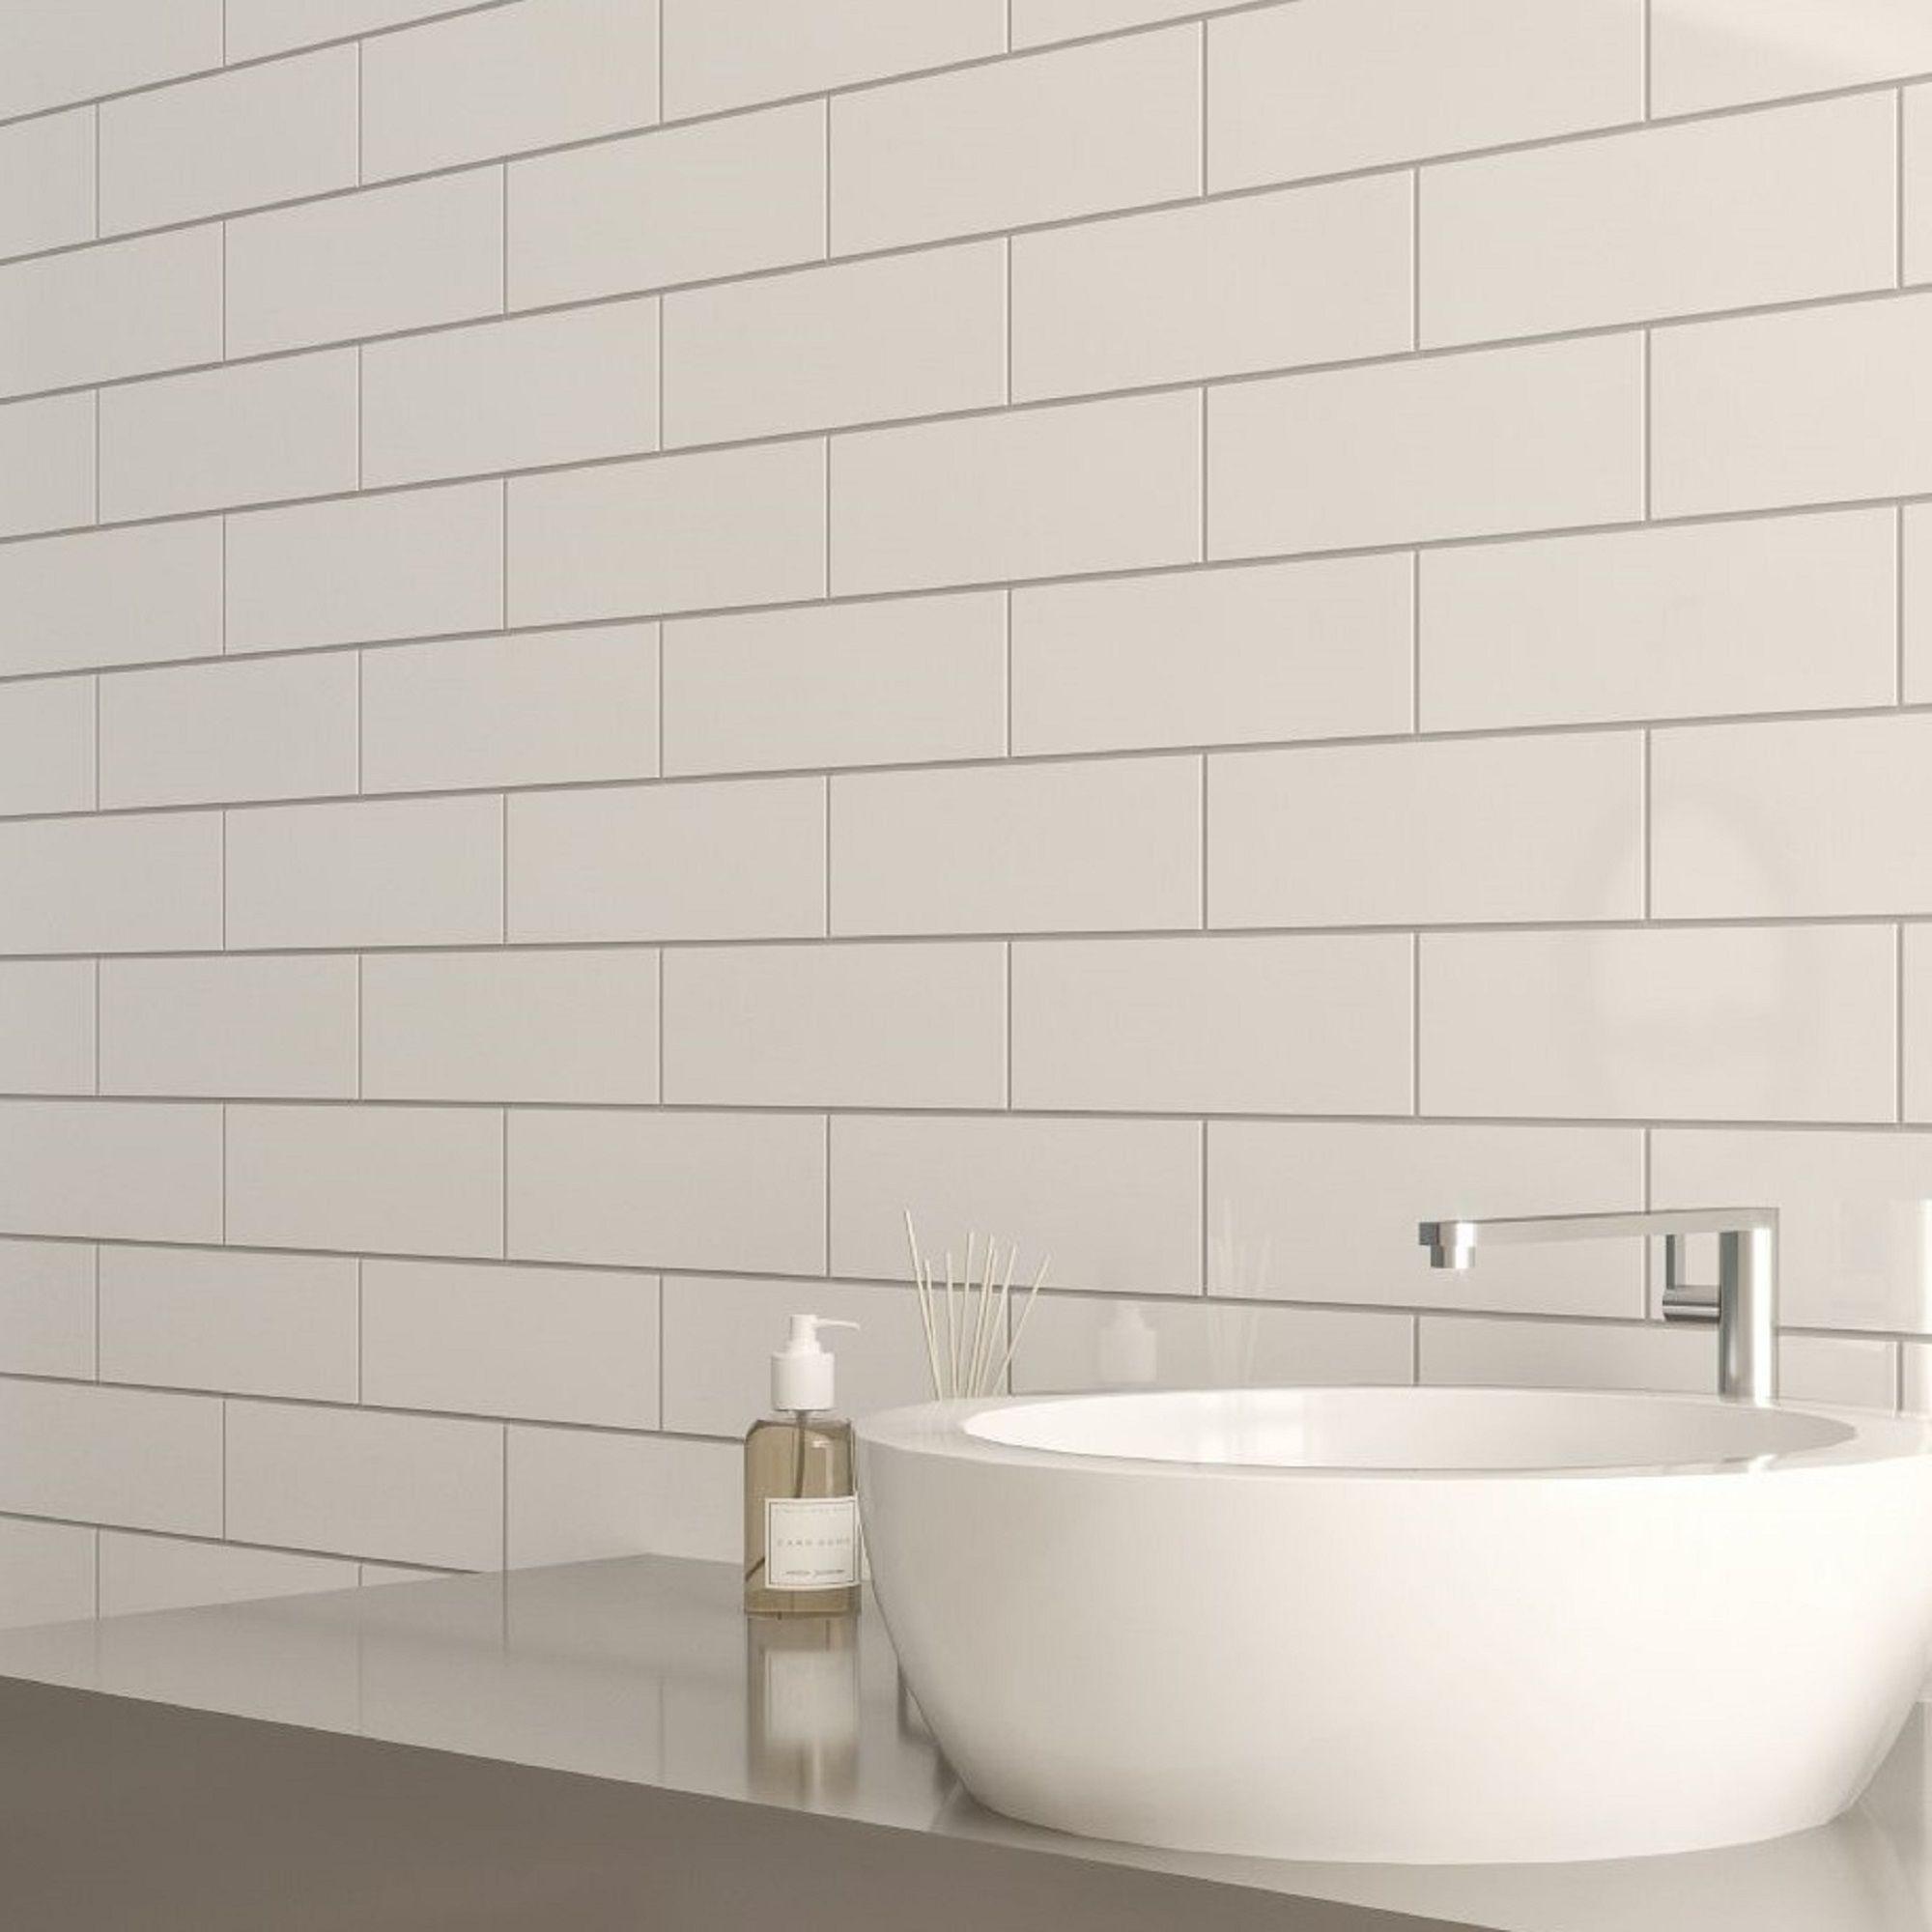 Windsor White Gloss Ceramic Wall Tile